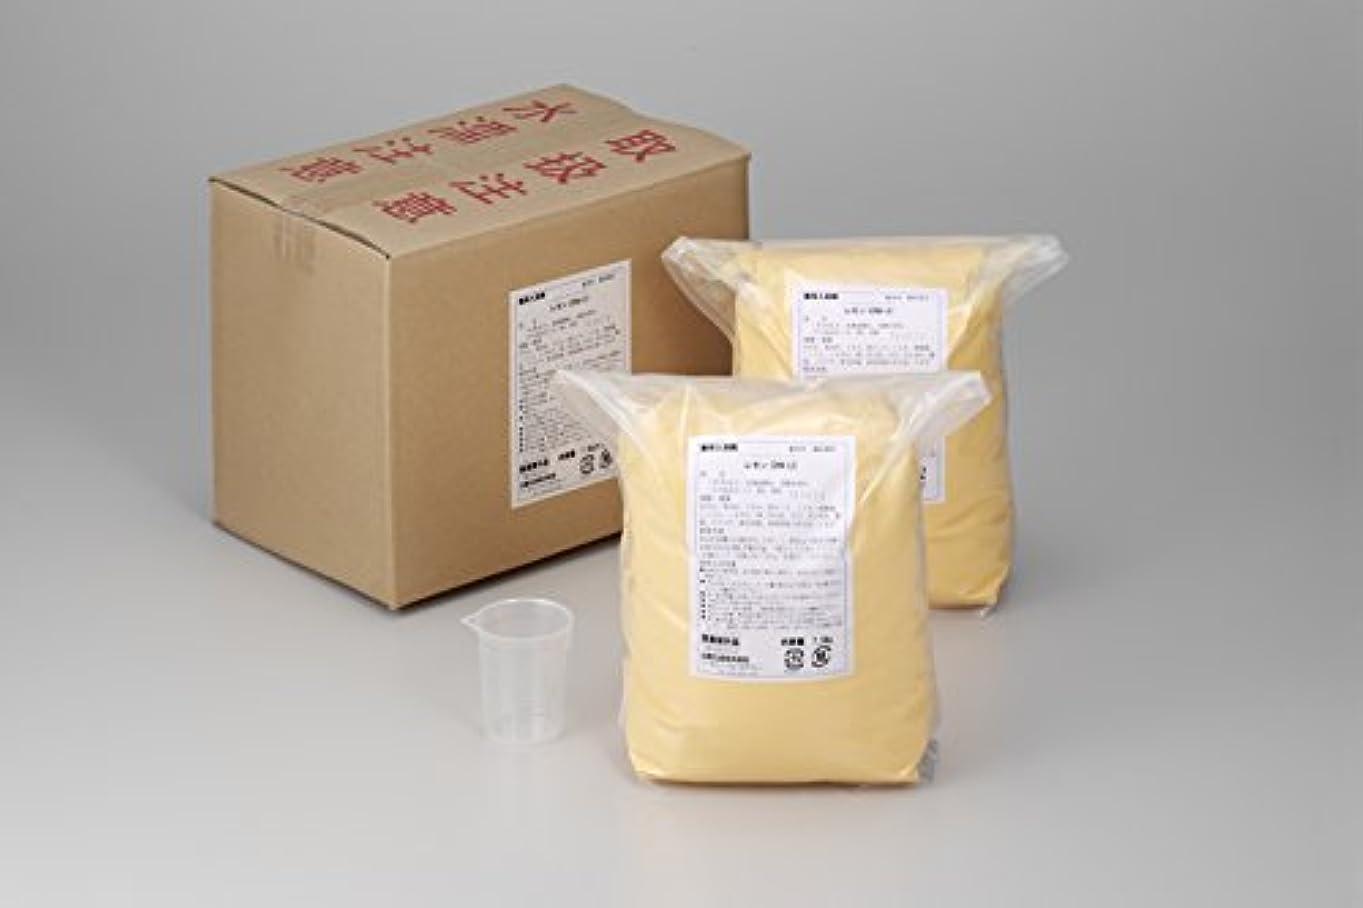 含める革新待って業務用入浴剤「レモン」15kg(7.5kg×2)